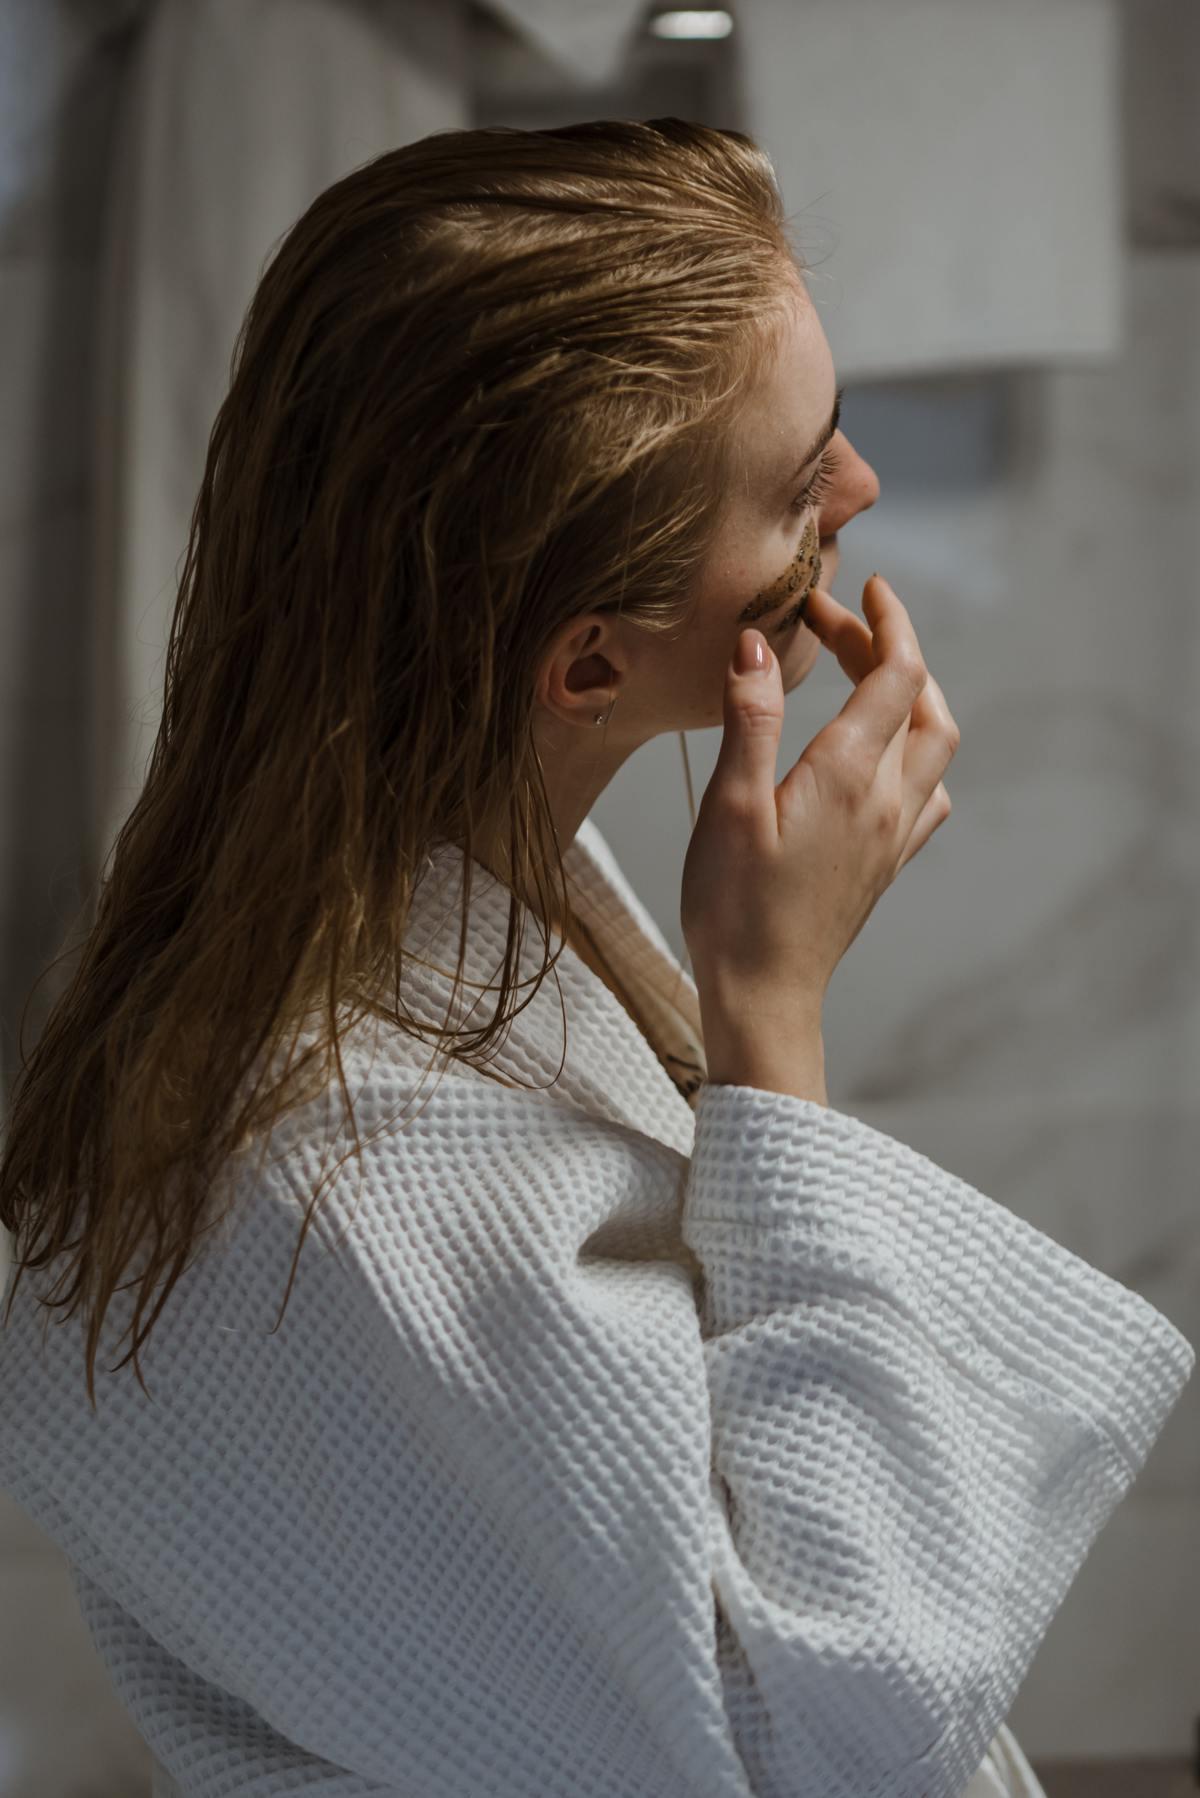 Отшелушивание кожи поможет избавить ее от грязи и омертвевших клеток